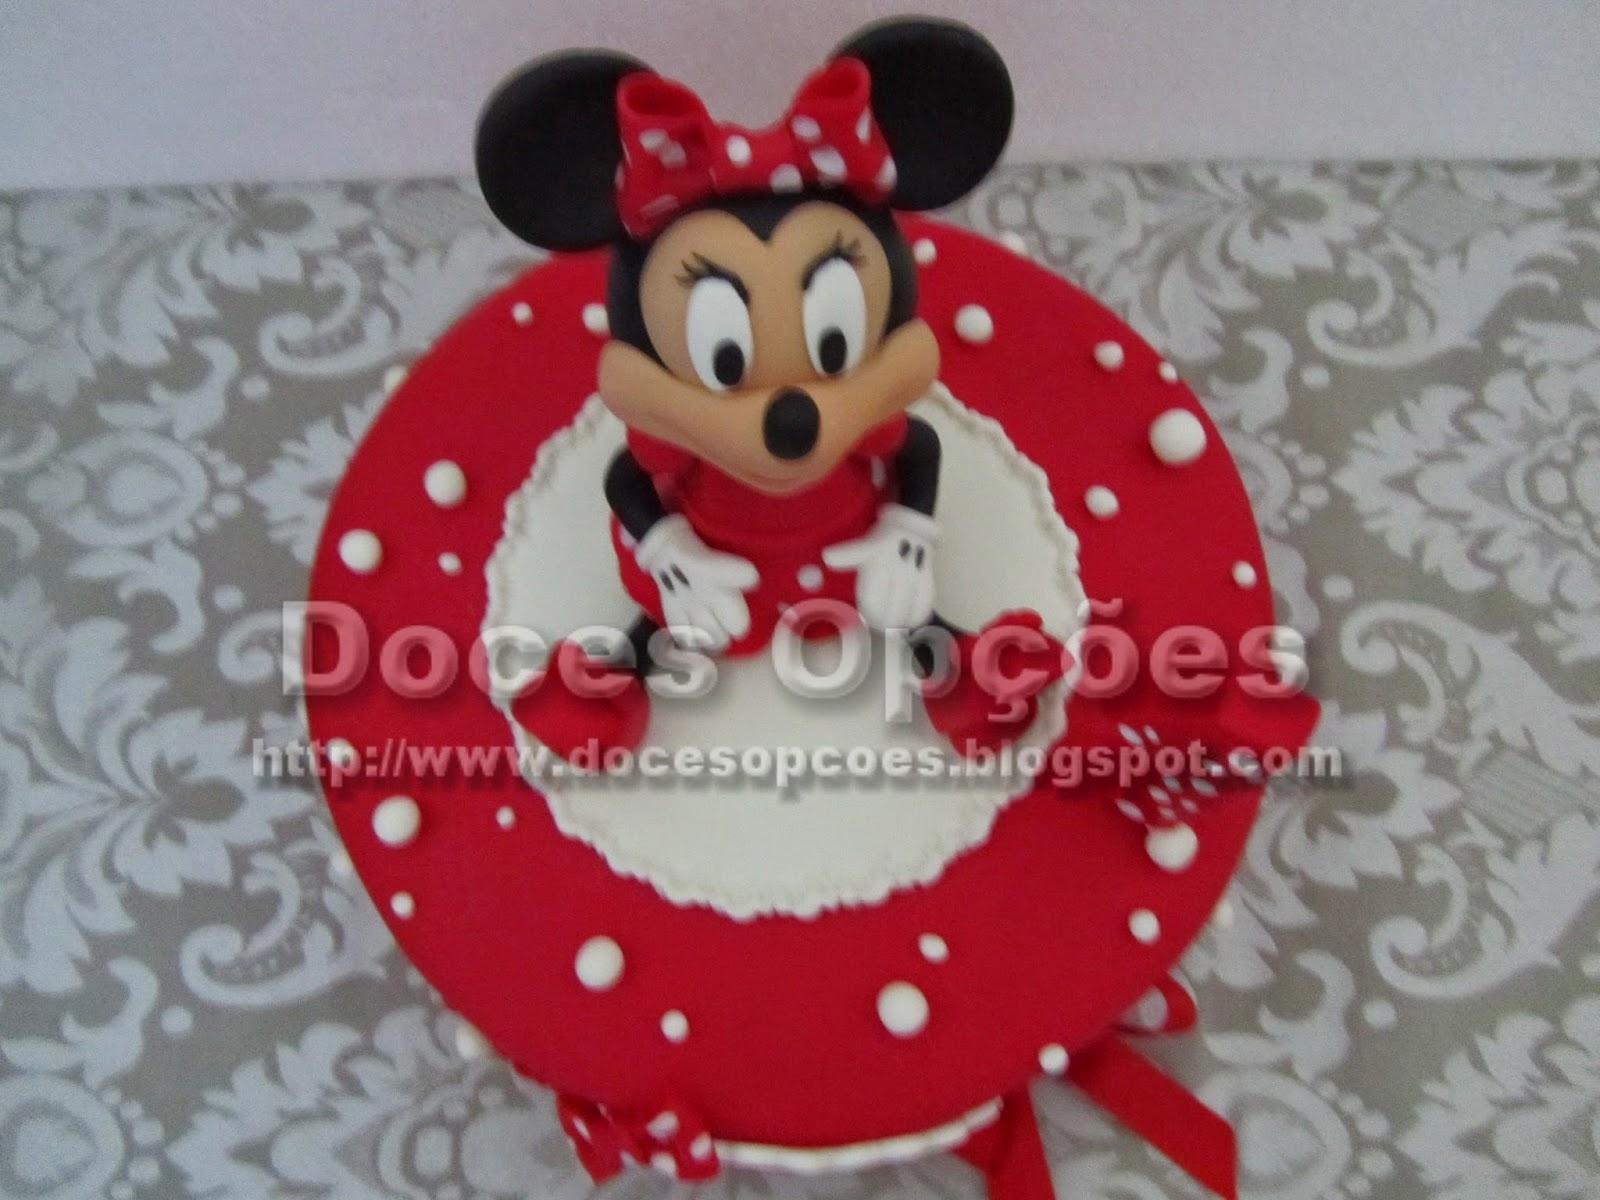 bolo aniversário minnie bragança